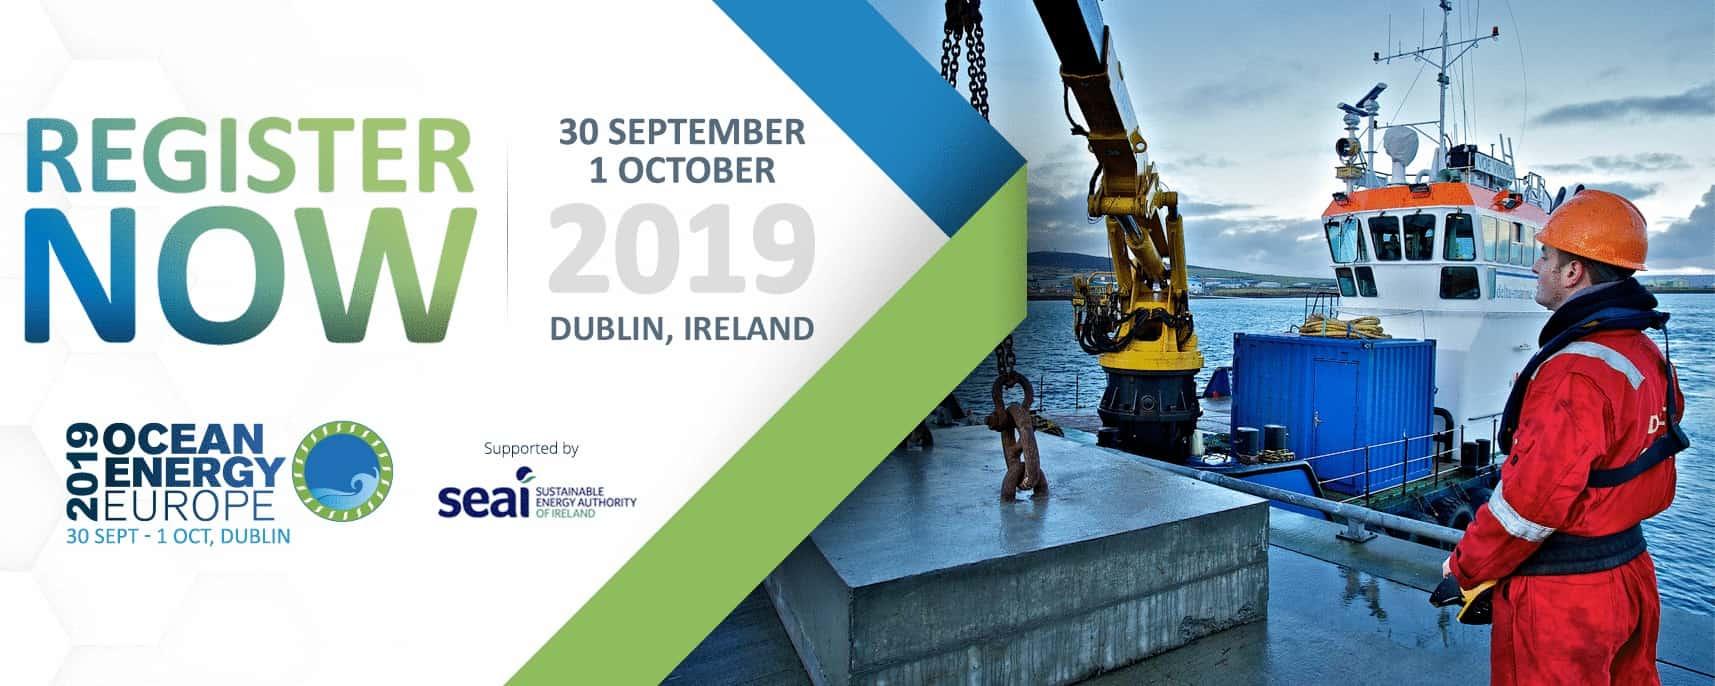 Ocean Energy Europe 2019